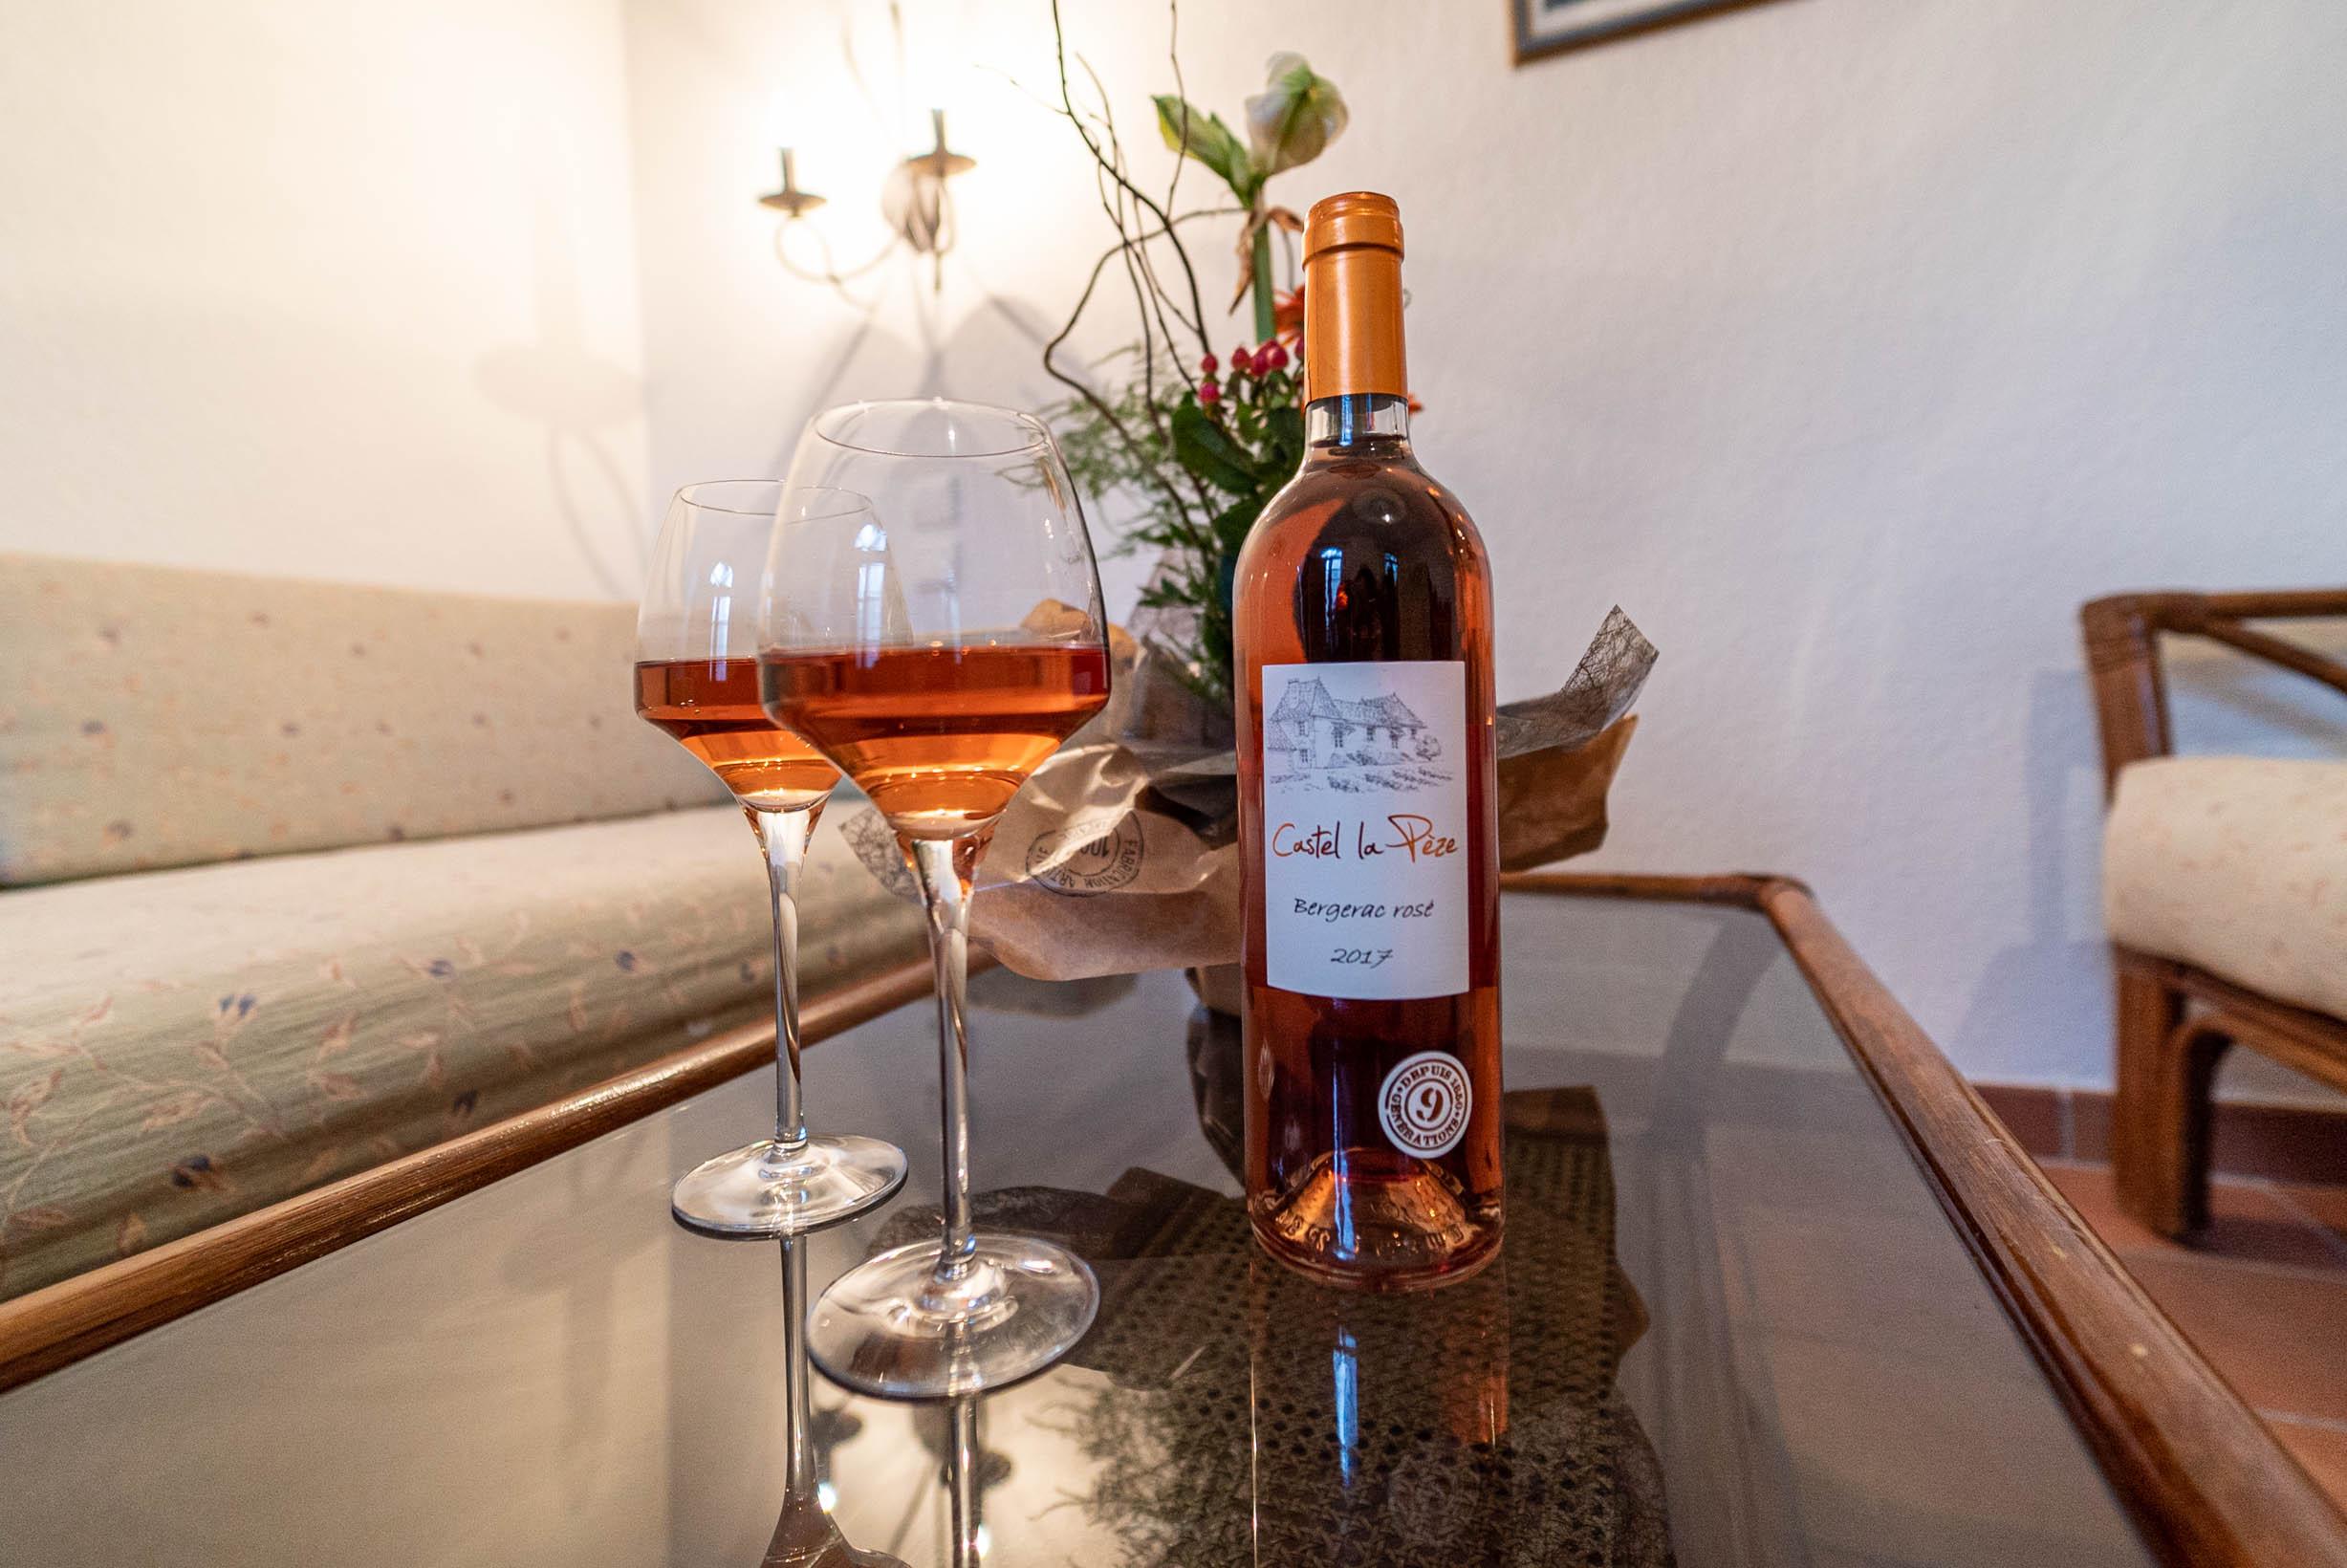 Suite des ecuries castel lapeze bouteille de vin rosé chateau Rauly location bergerac Monbazillac